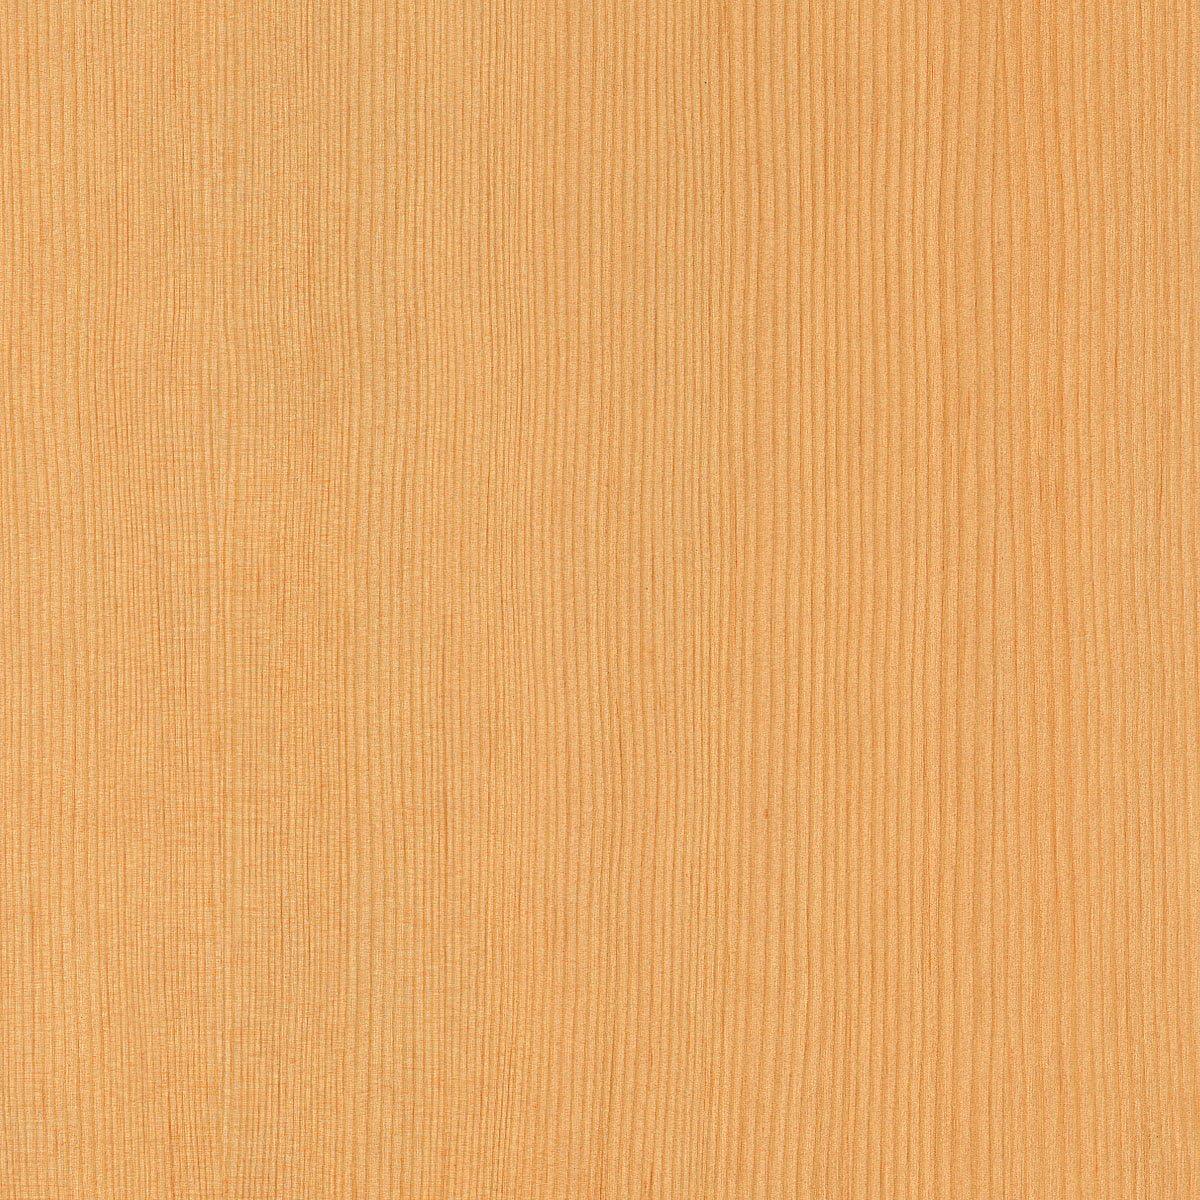 Wood-All Fir Vertical Regular store Grain Wood Qtr Cheap Cut Sheet 48x96 Veneer